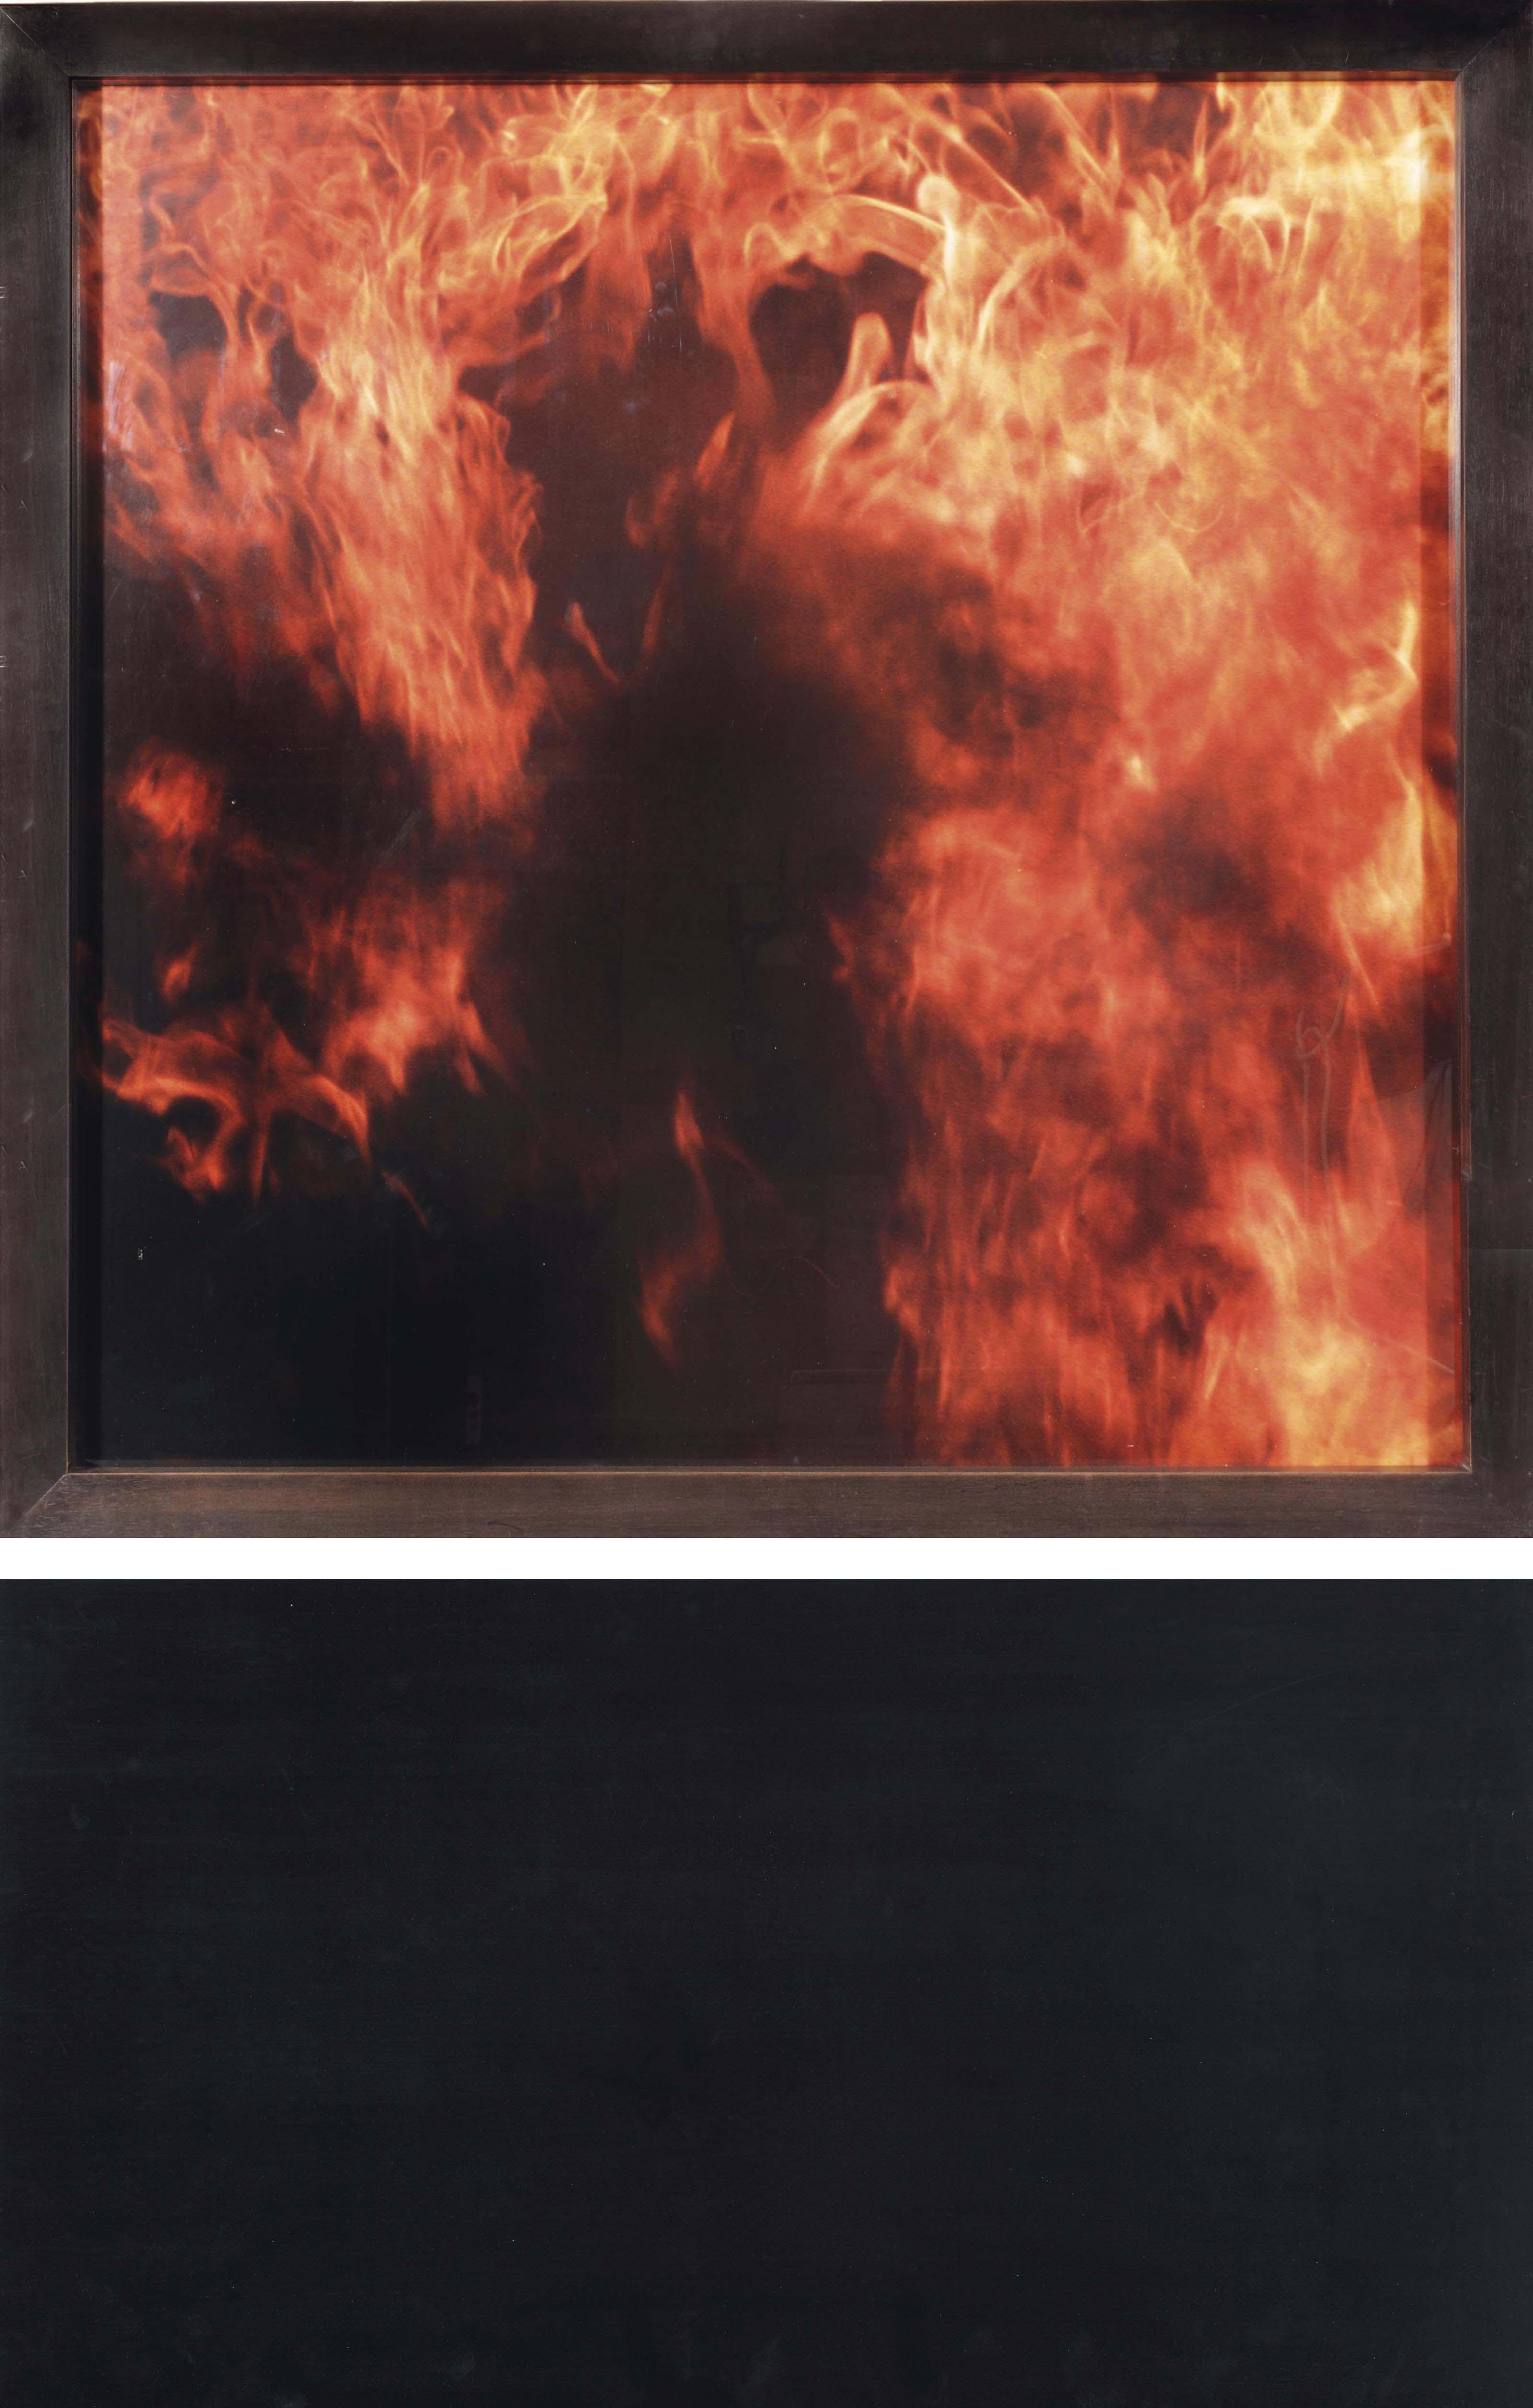 Feuer (from the series Jeder Engel ist Schrecklich)